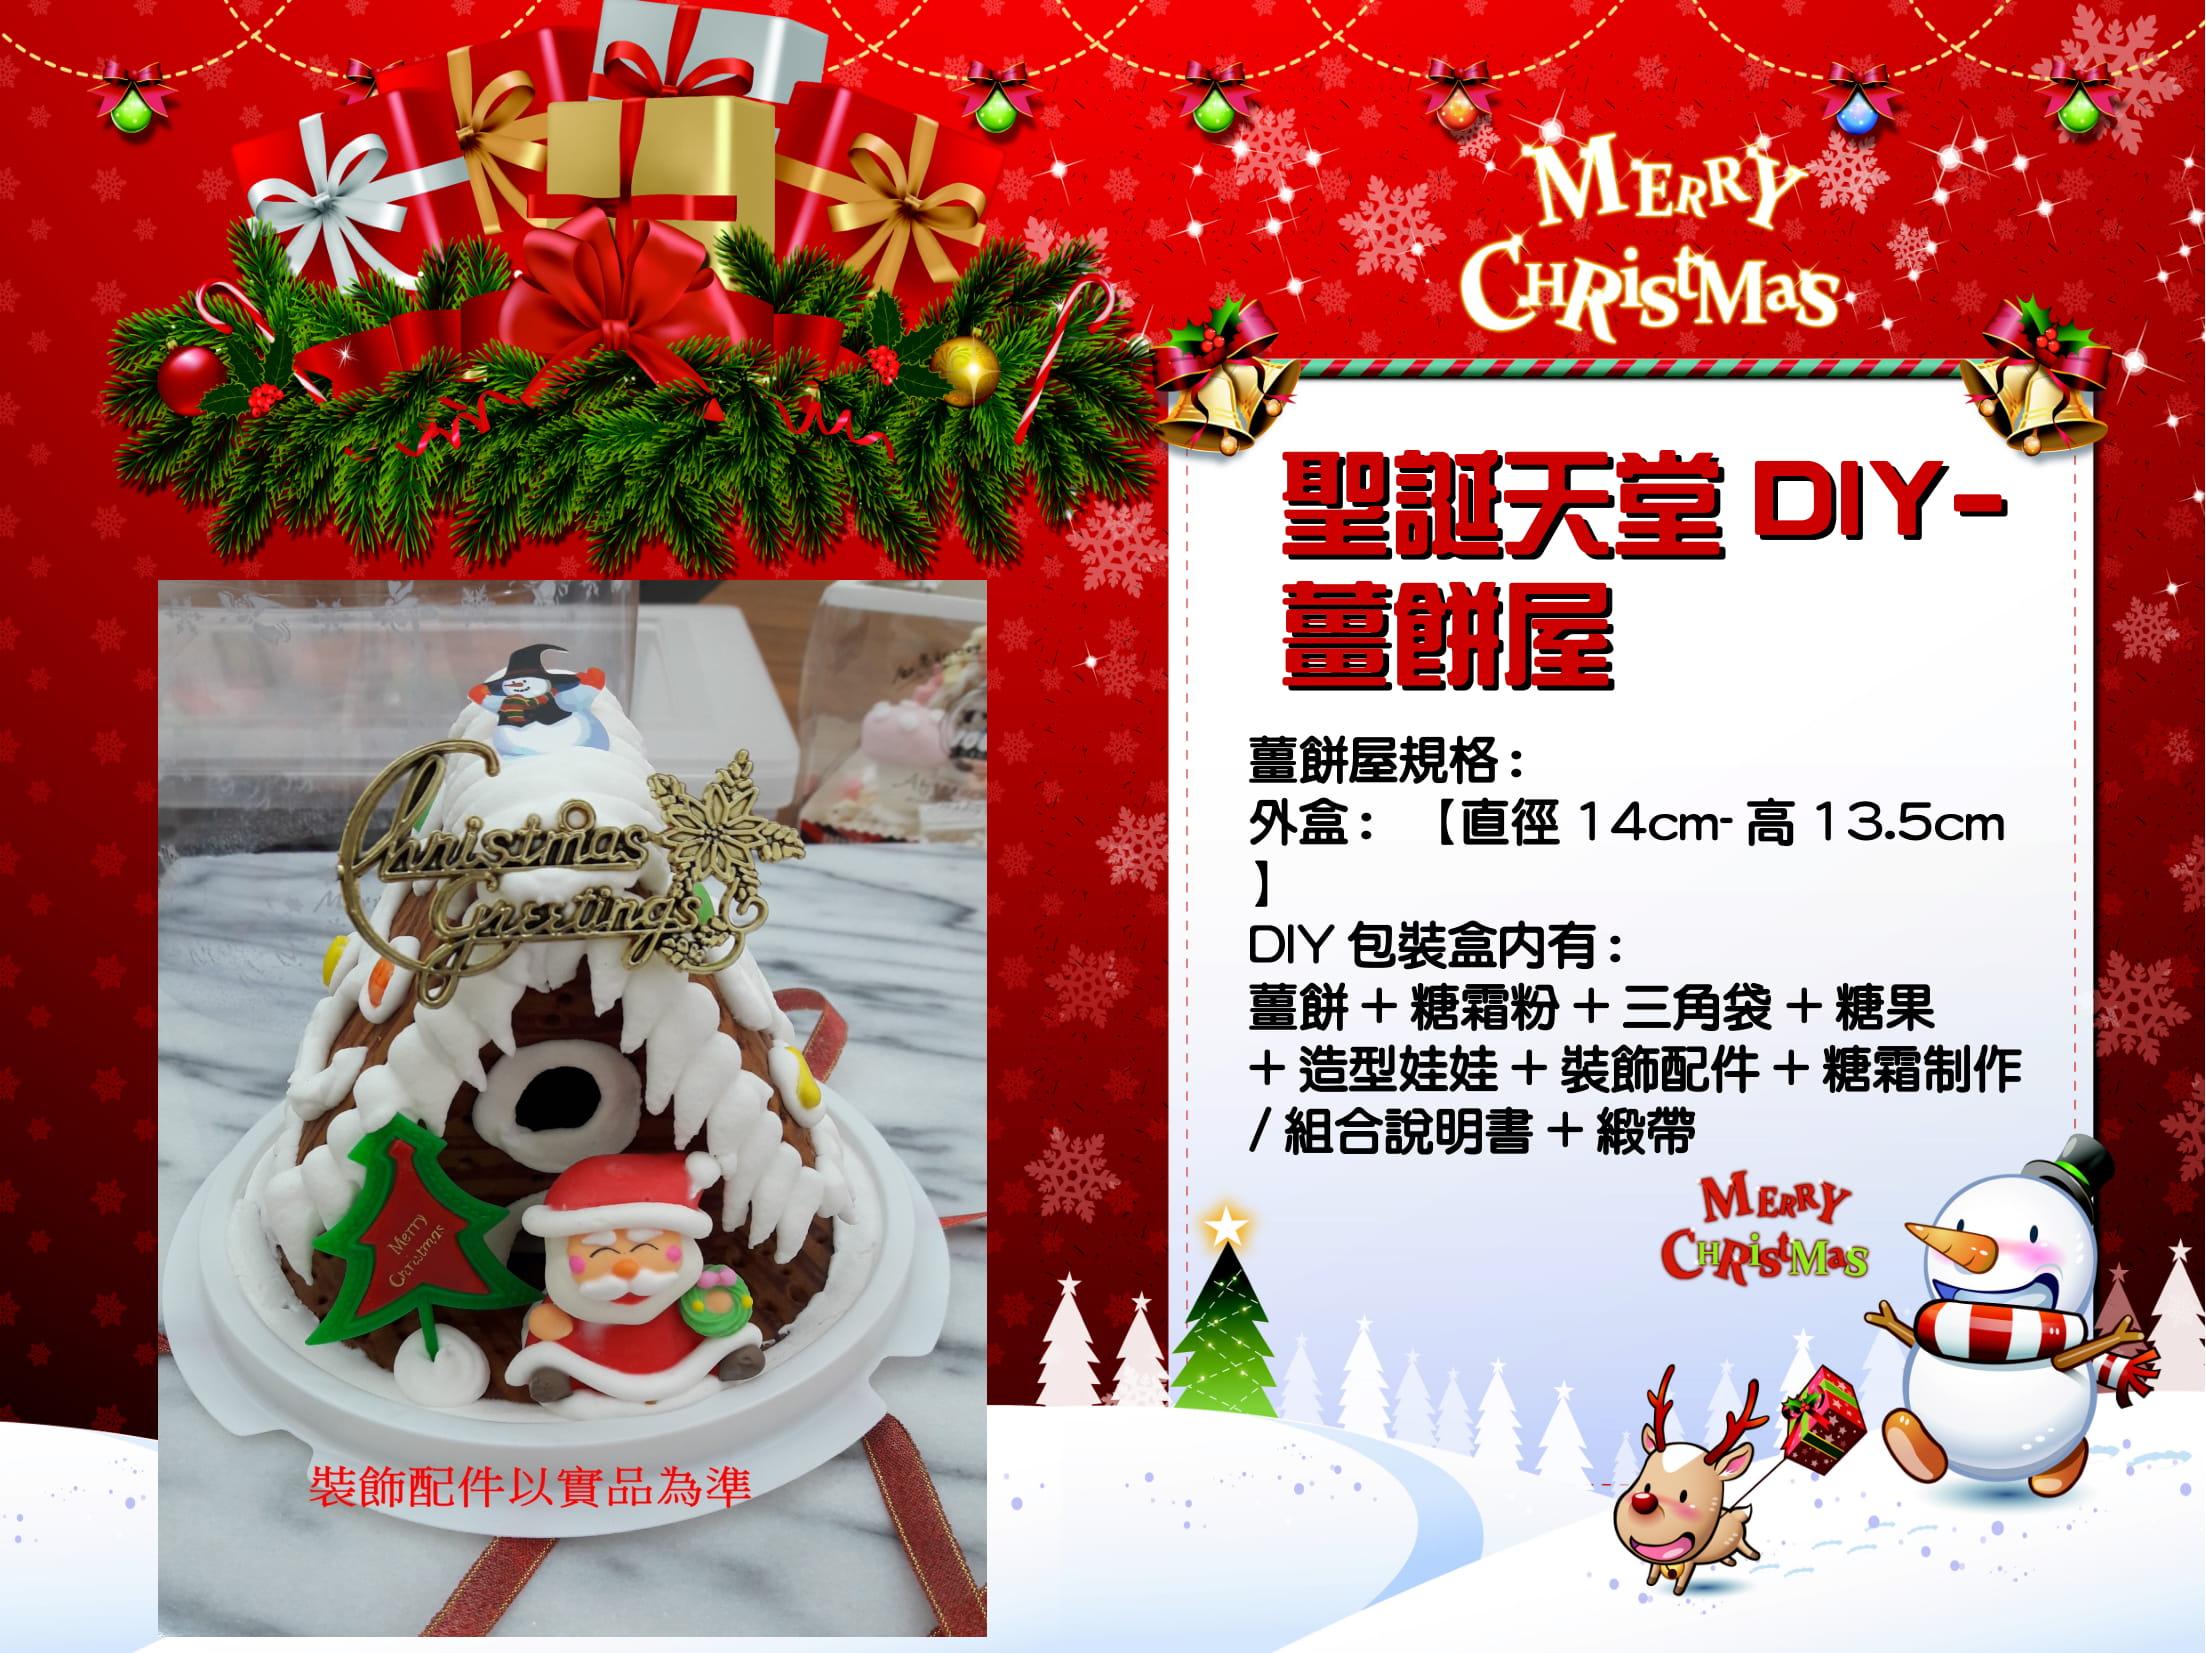 7.聖誕天堂DIY-薑餅屋